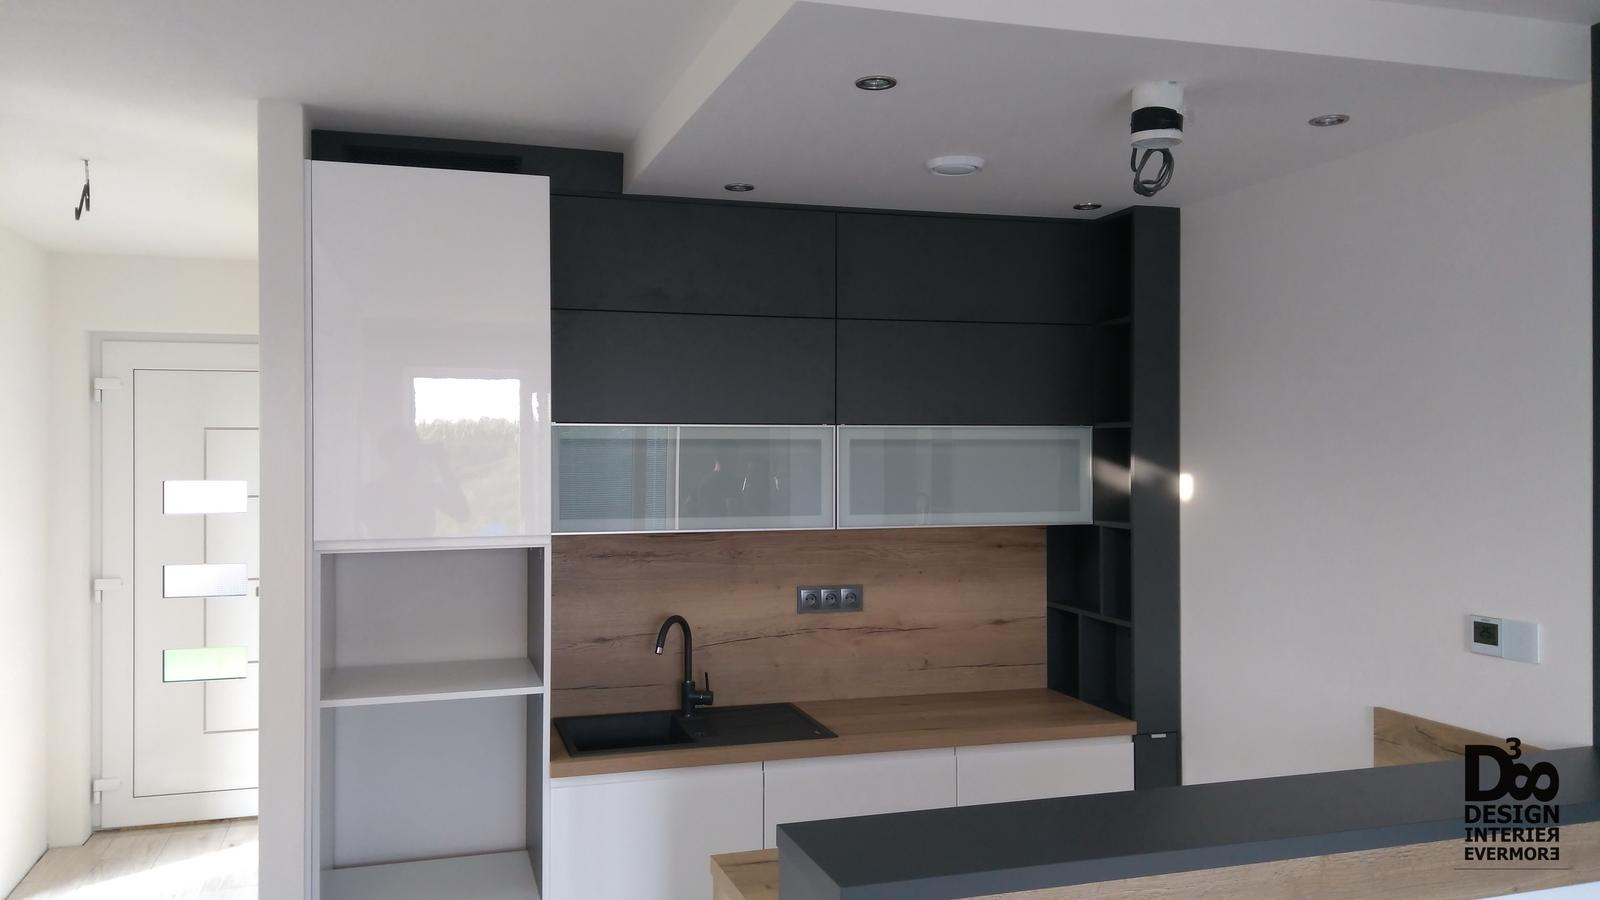 Kuchyňa - Močenok 2018 - Obrázok č. 1